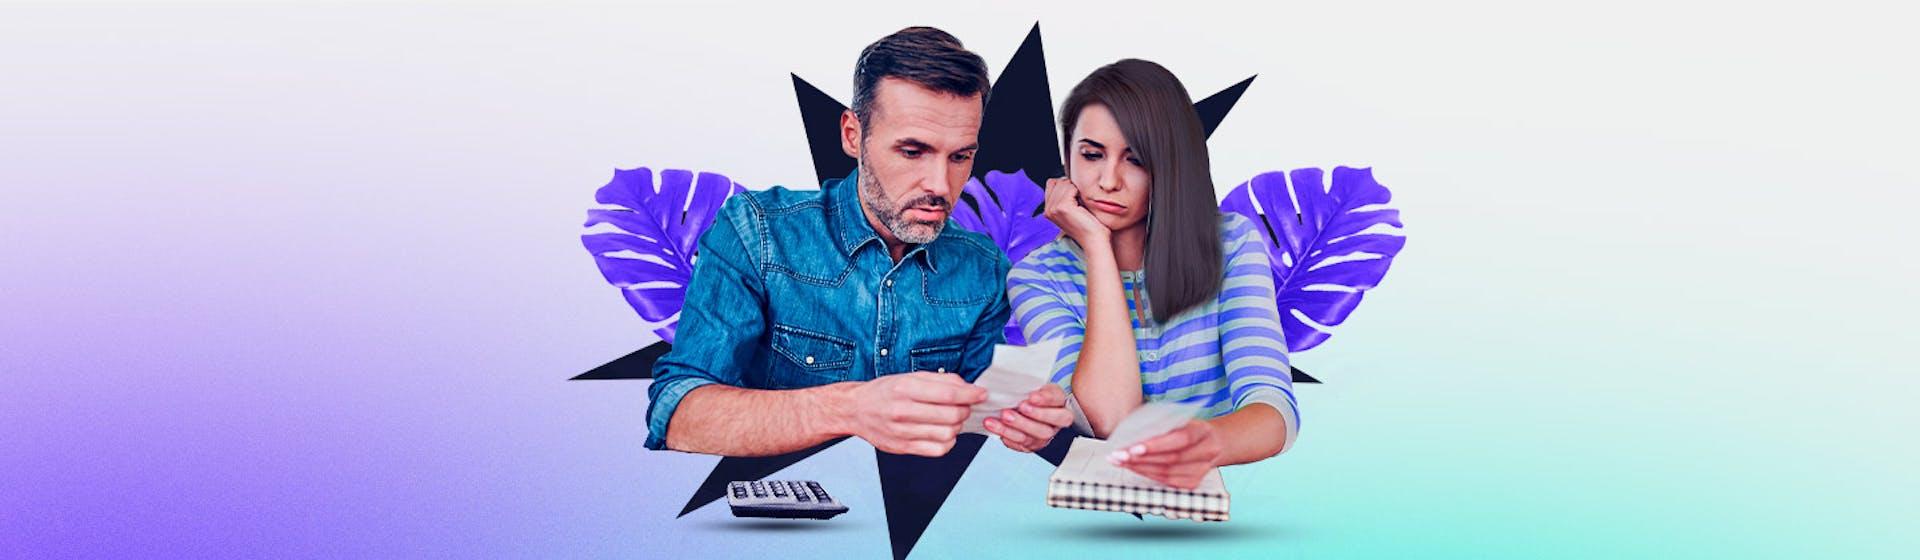 Cómo se relaciona un plan de vida con tus finanzas personales sin dejar de hacer lo que te gusta